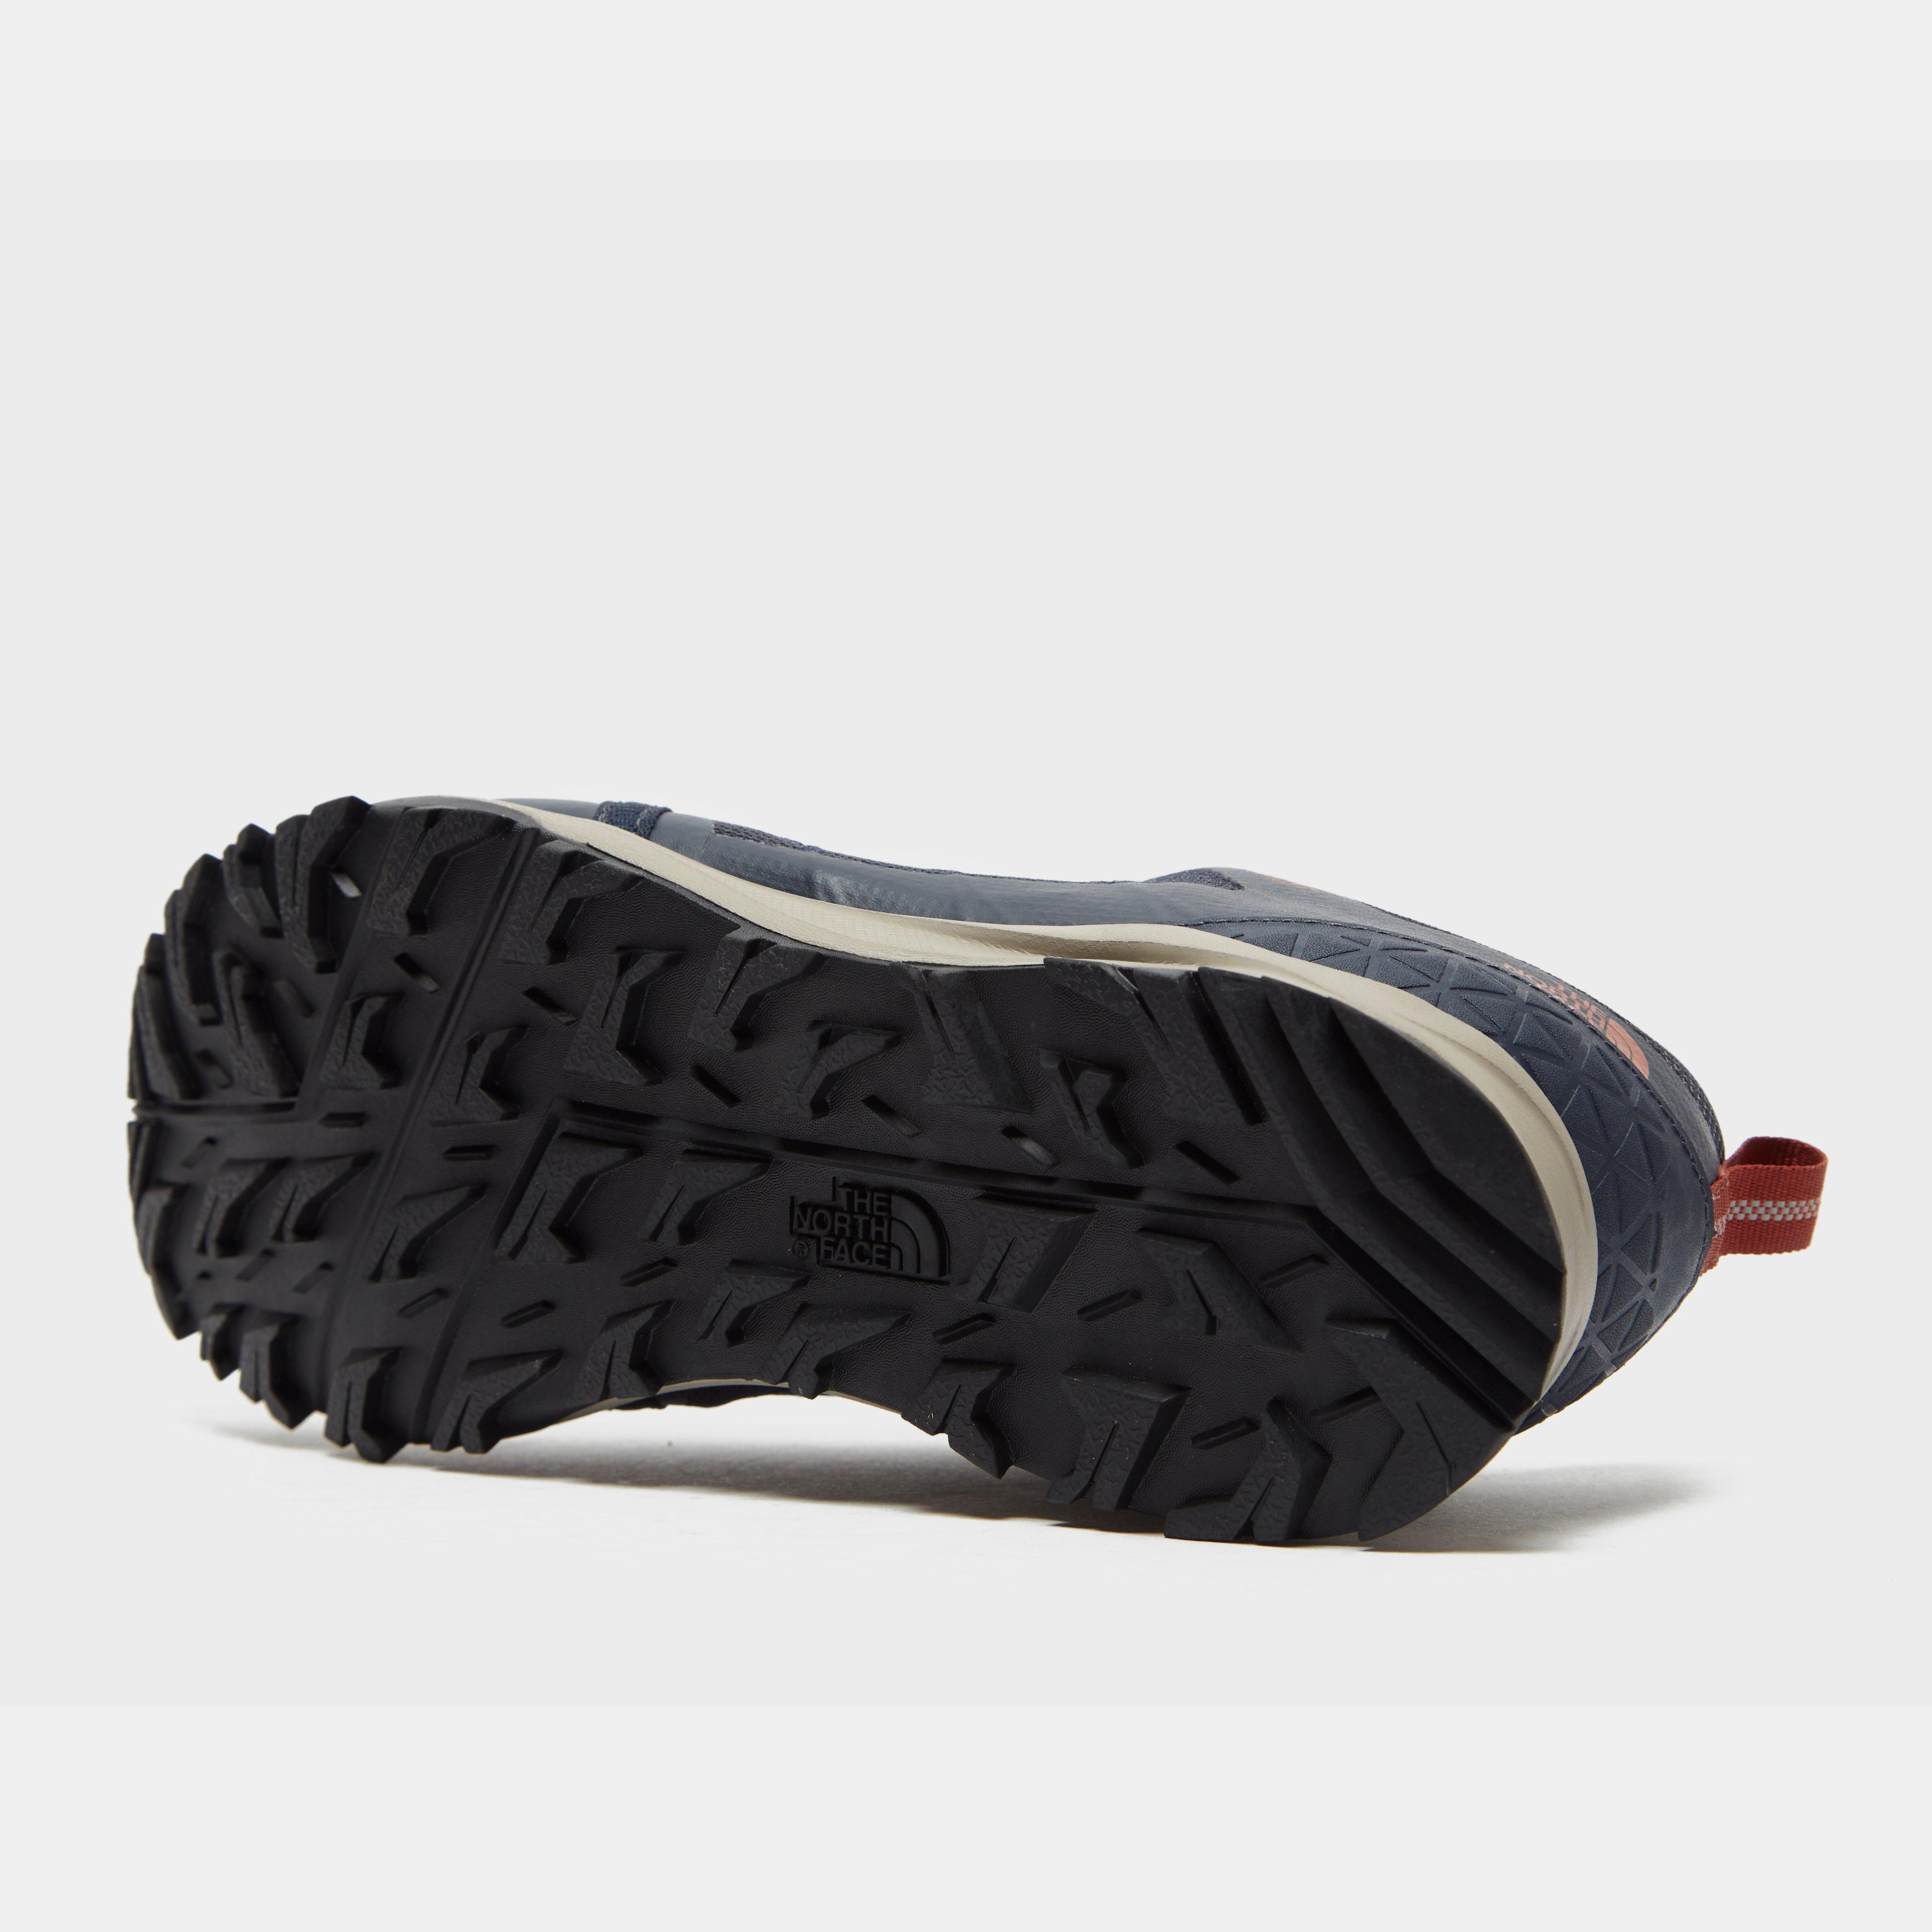 New Peter Storm Men's Arnside Vent Treking Hiking Walking Shoe